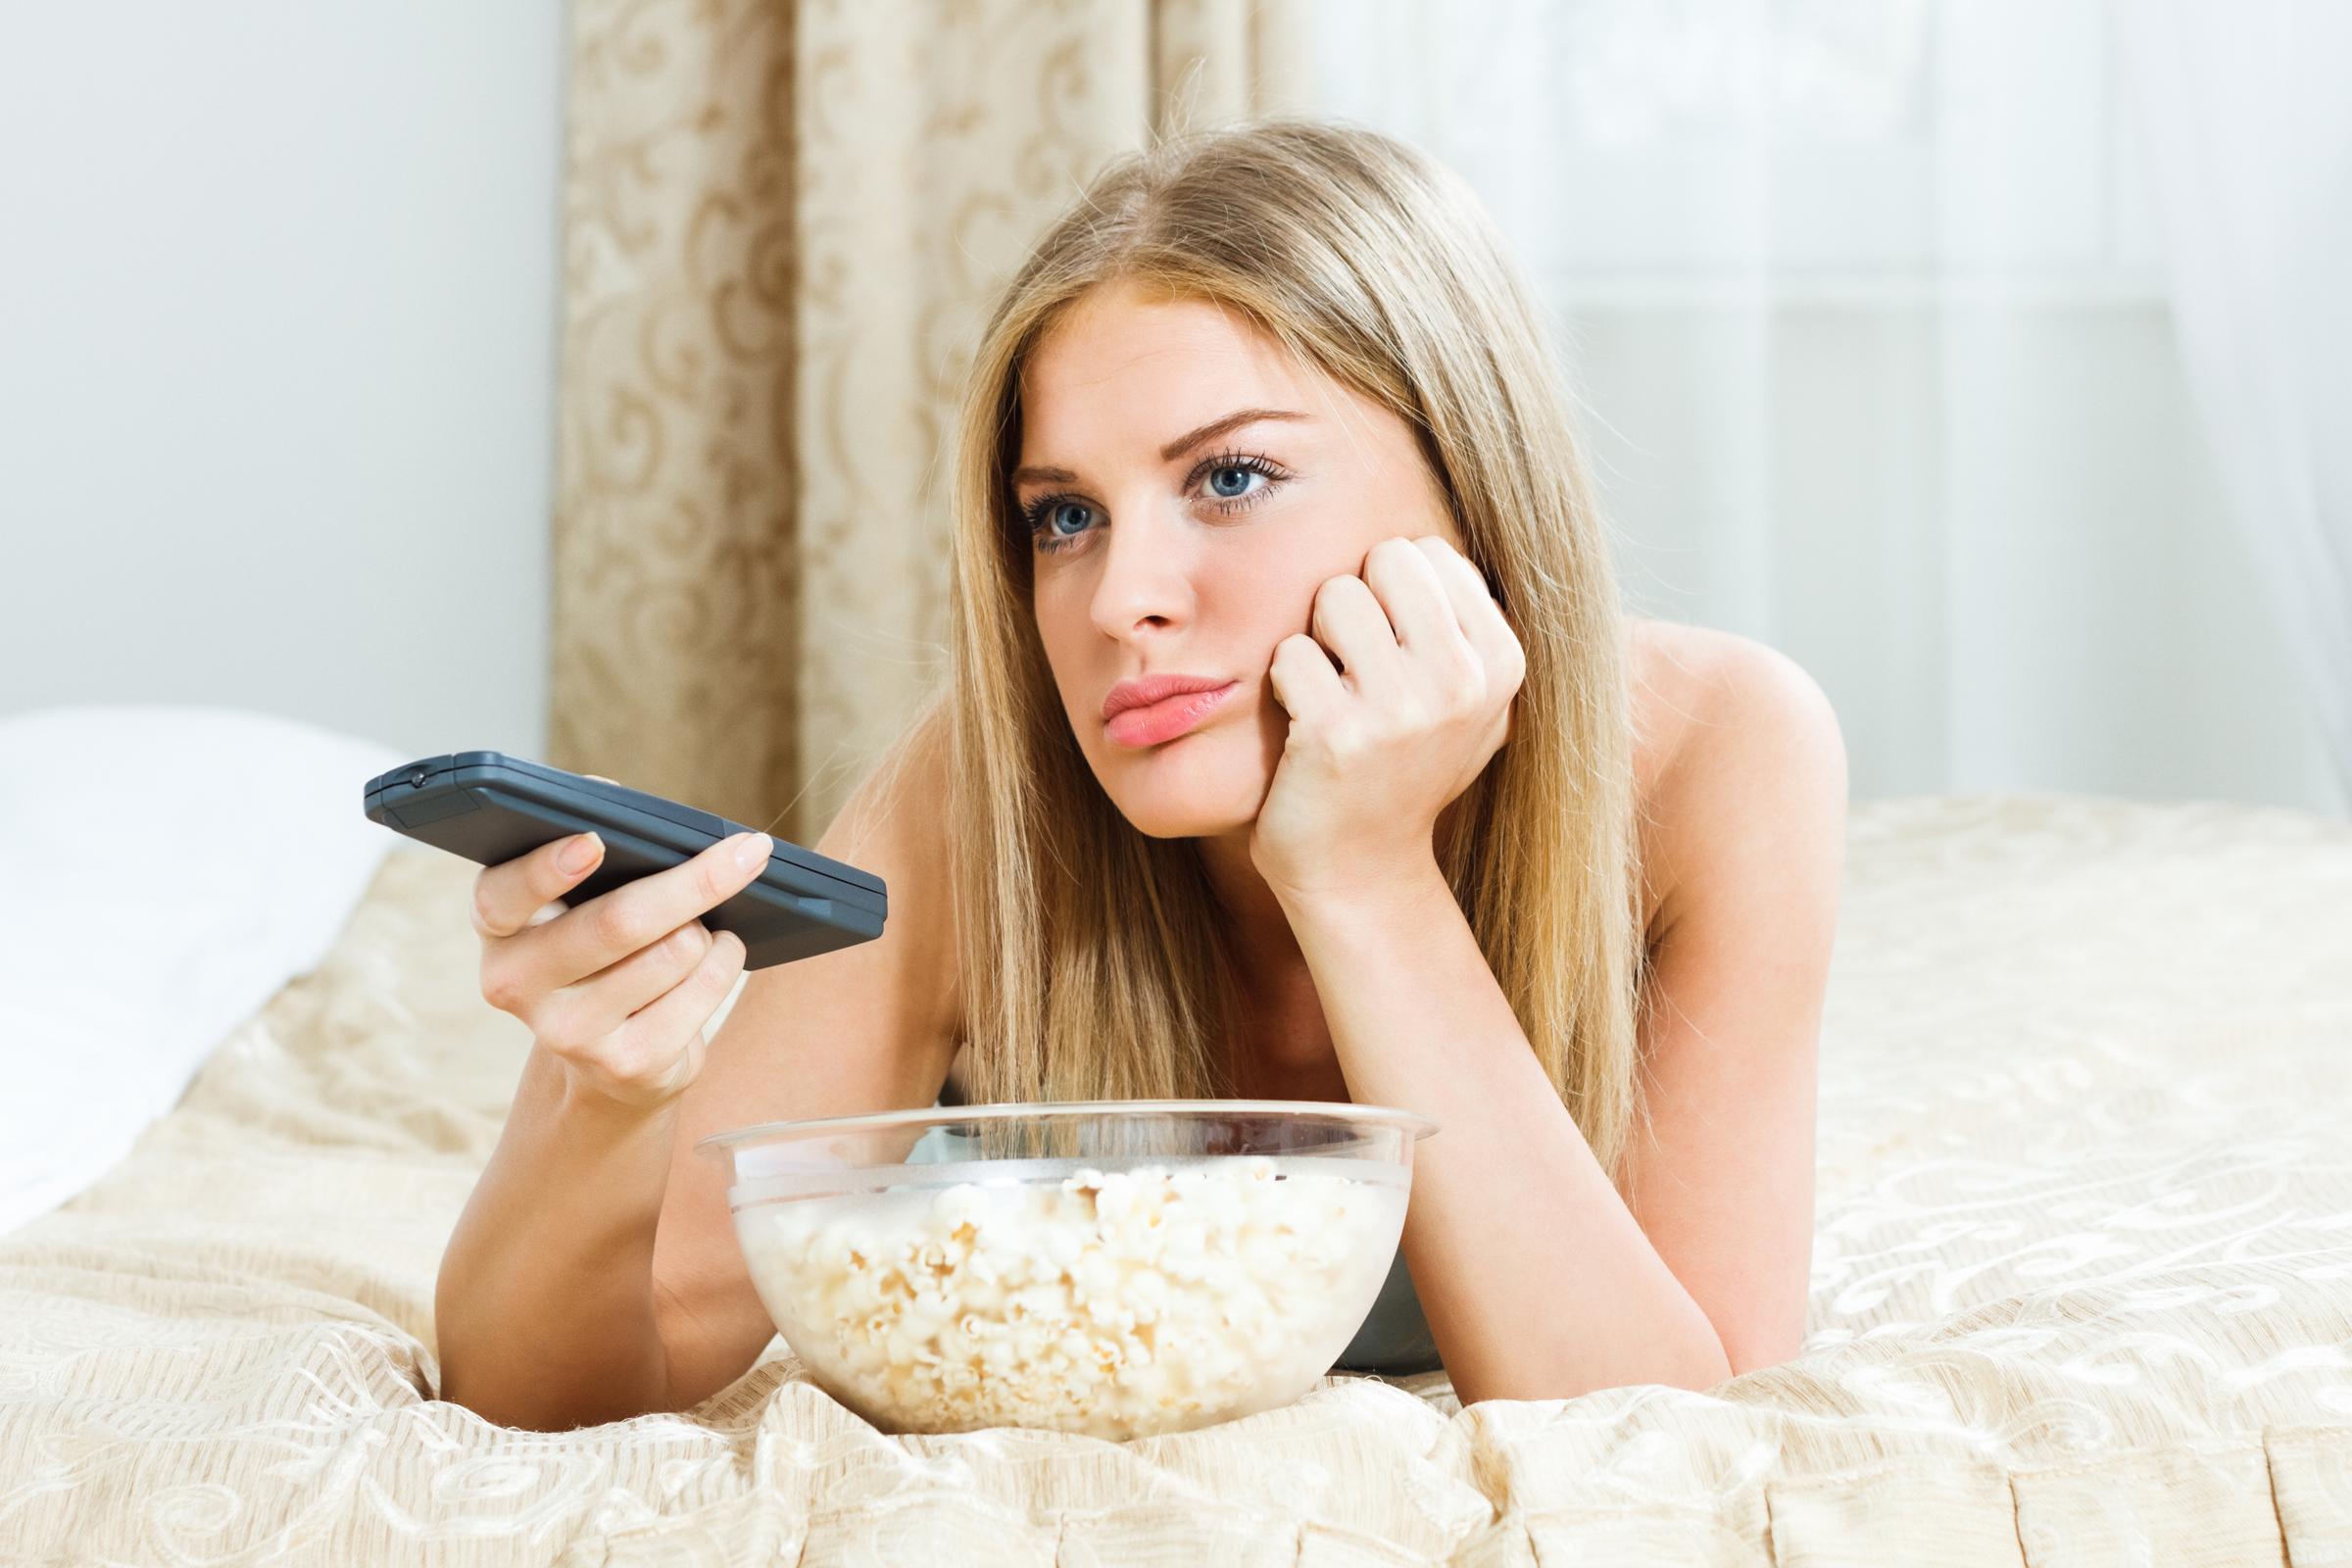 meleg mobil szöveges randirandevú csalások Malajziában